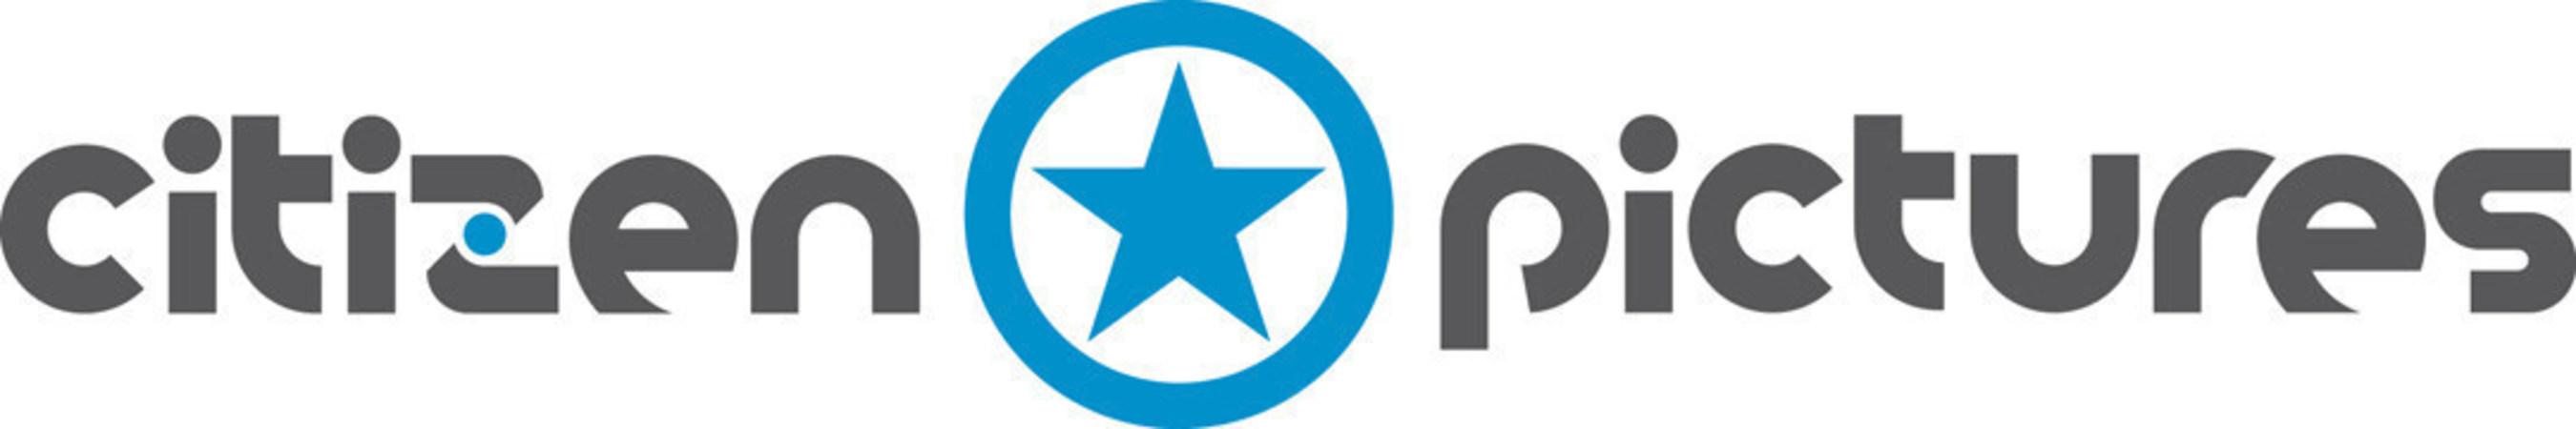 Citizen Pictures Logo.